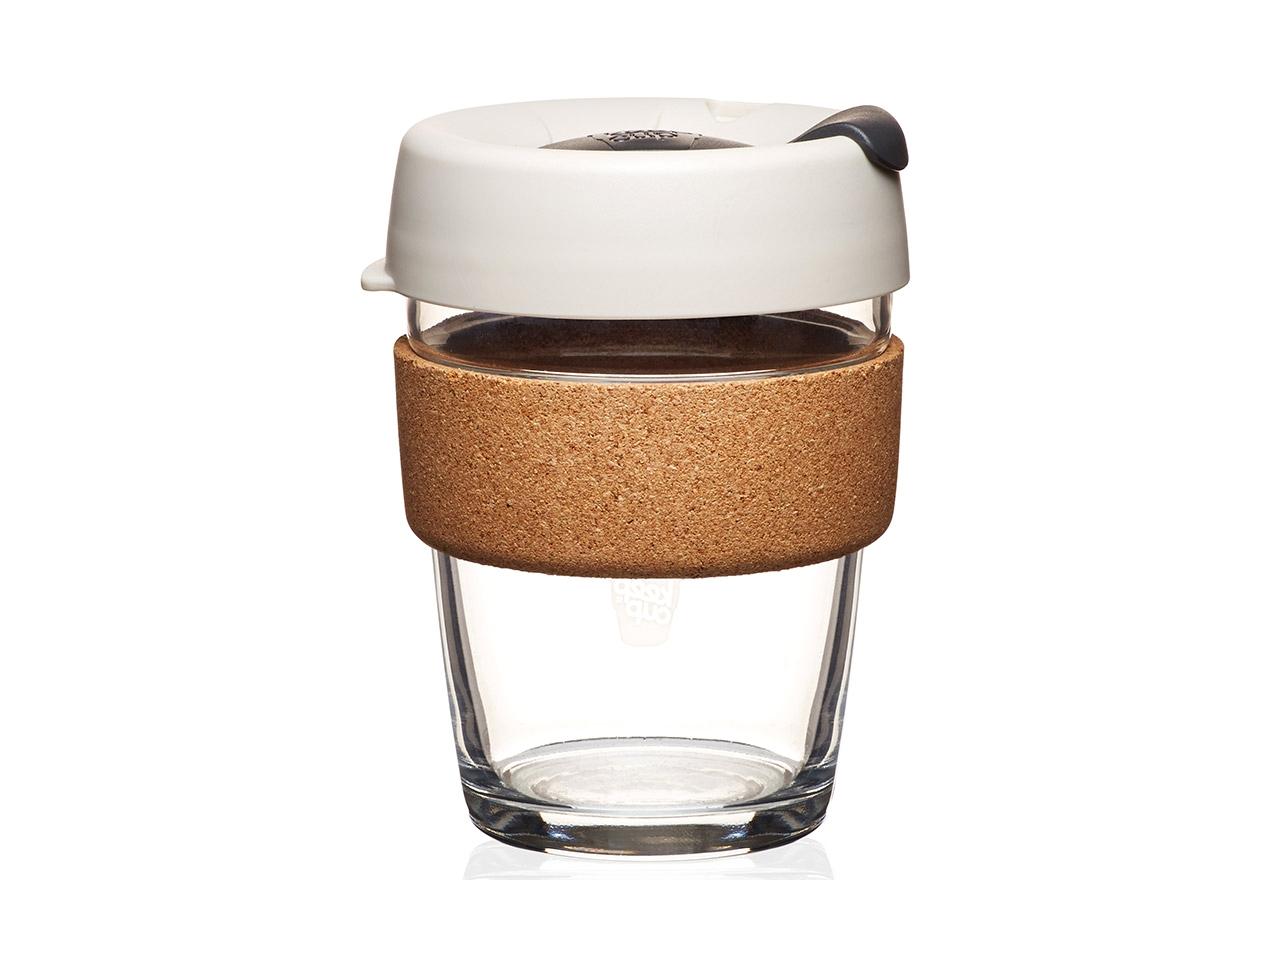 Стакан Keepcup filterЧайные пары, чашки и кружки<br>Главная идея KeepCup – вдохновить любителей кофе отказаться от использования одноразовых бумажных и пластиковых стаканов, так как их производство и утилизация наносят вред окружающей среде. В год производится и выбрасывается около 500 миллиардов одноразовых стаканчиков, а ведь планета у нас всего одна. Главный плюс кружки  – привлекательный и яркий дизайн, который станет отражением вашего личного стиля. Берите ее в кафе или наливайте кофе, чай, сок дома, чтобы взять с собой. Специальная крышка с открывающимся и закрывающимся клапаном спасет от брызг, ободок из пробкового дерева поможет не обжечься, и кружку будет удобно держать в руках. Плотная крышка и толстые стенки сохранят напиток теплым в течение 20-30 минут. Можно использовать в микроволновой печи и мыть в посудомоечной машине.&amp;lt;div&amp;gt;&amp;lt;br&amp;gt;&amp;lt;/div&amp;gt;&amp;lt;div&amp;gt;Объем:&amp;amp;nbsp;340 мл.&amp;lt;/div&amp;gt;<br><br>Material: Стекло<br>Высота см: 12